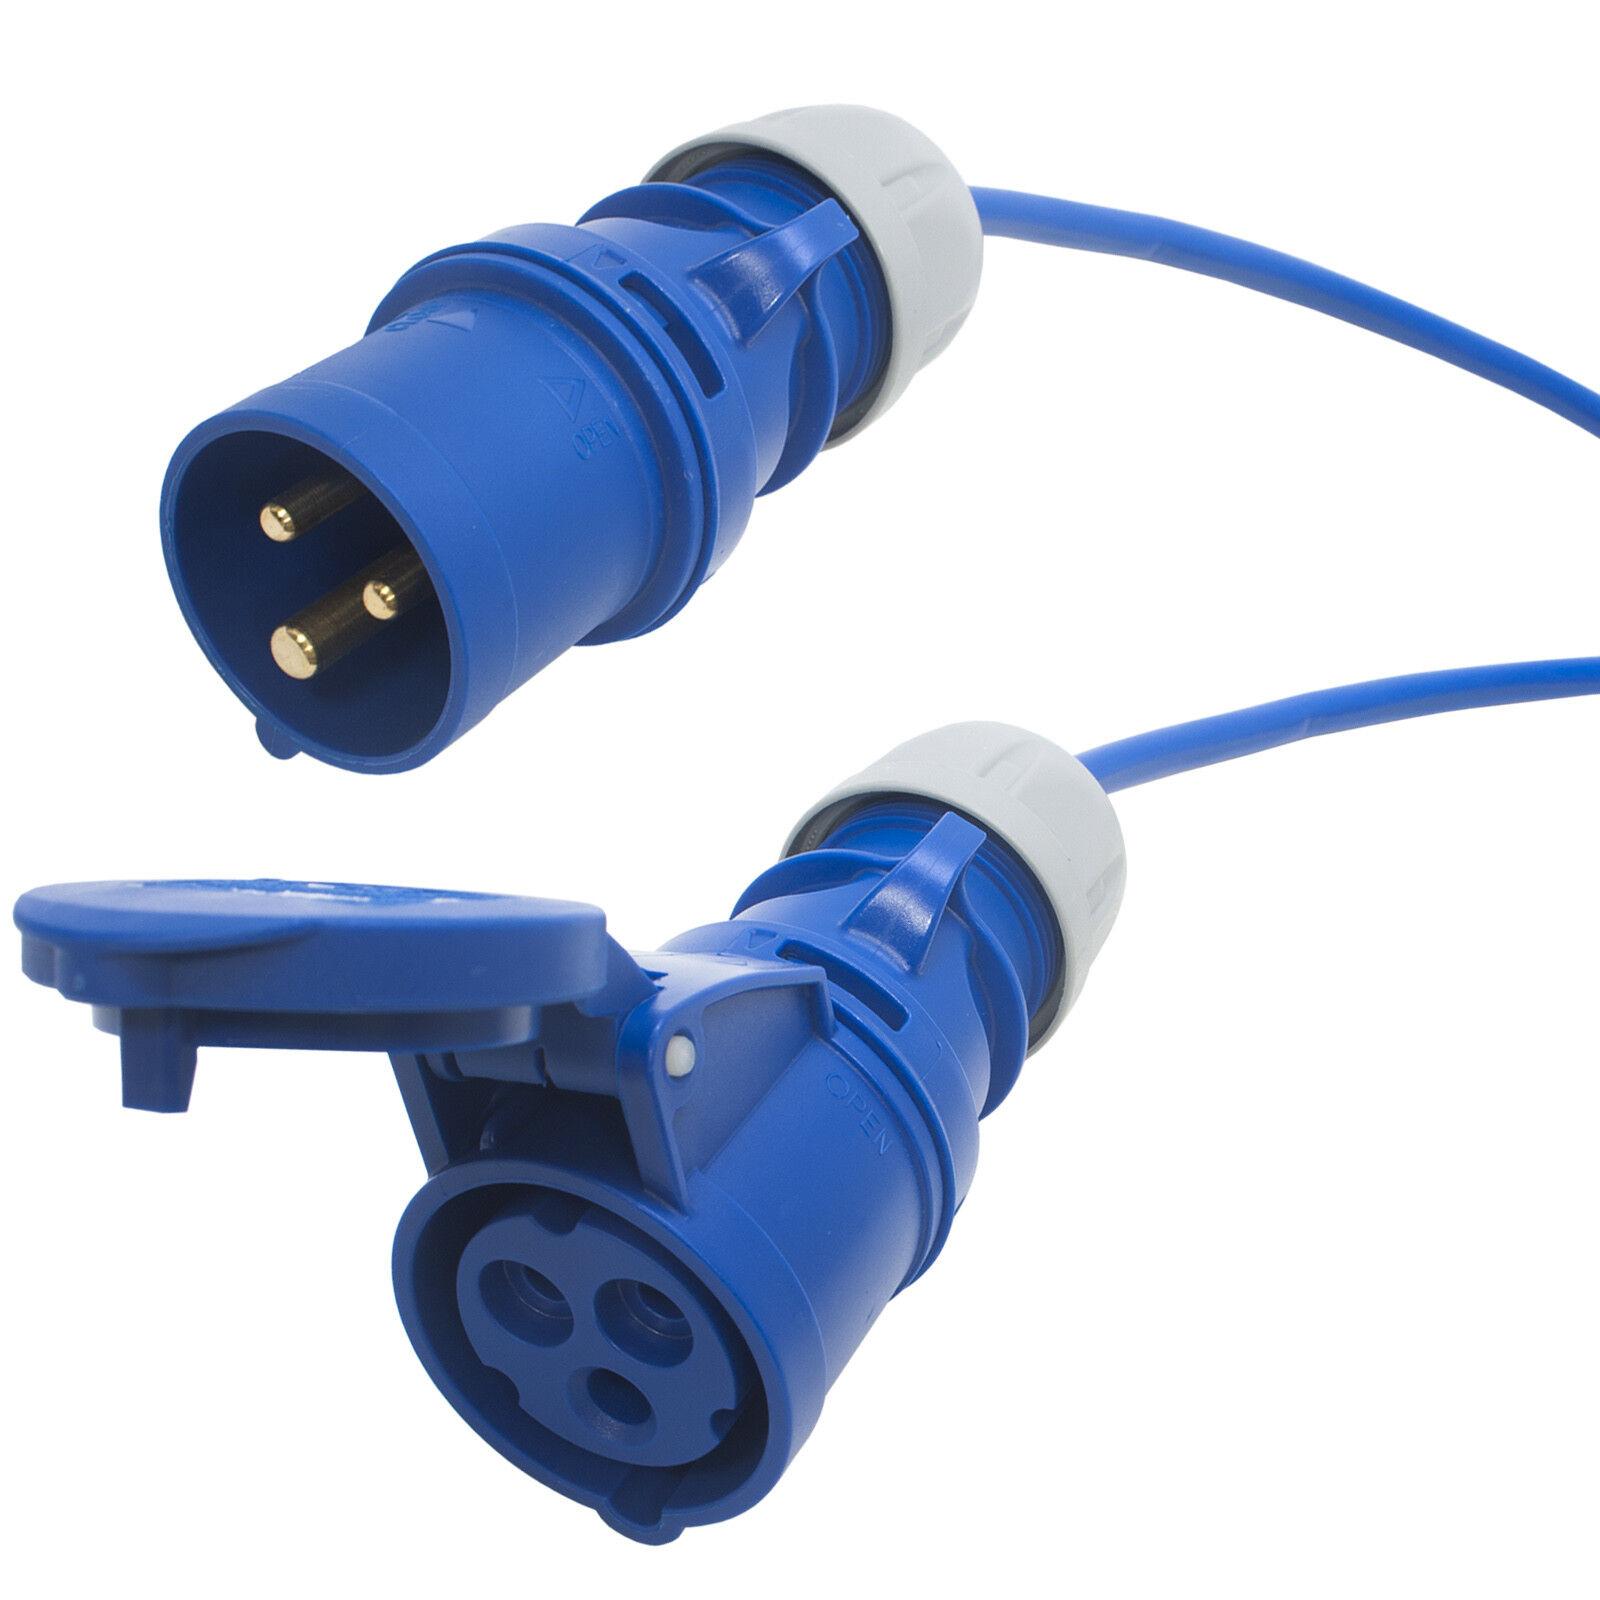 Tough 16 amp Arctic Blau Extension Cable. Caravan Hook up Lead. 240v 3x2.5mm.